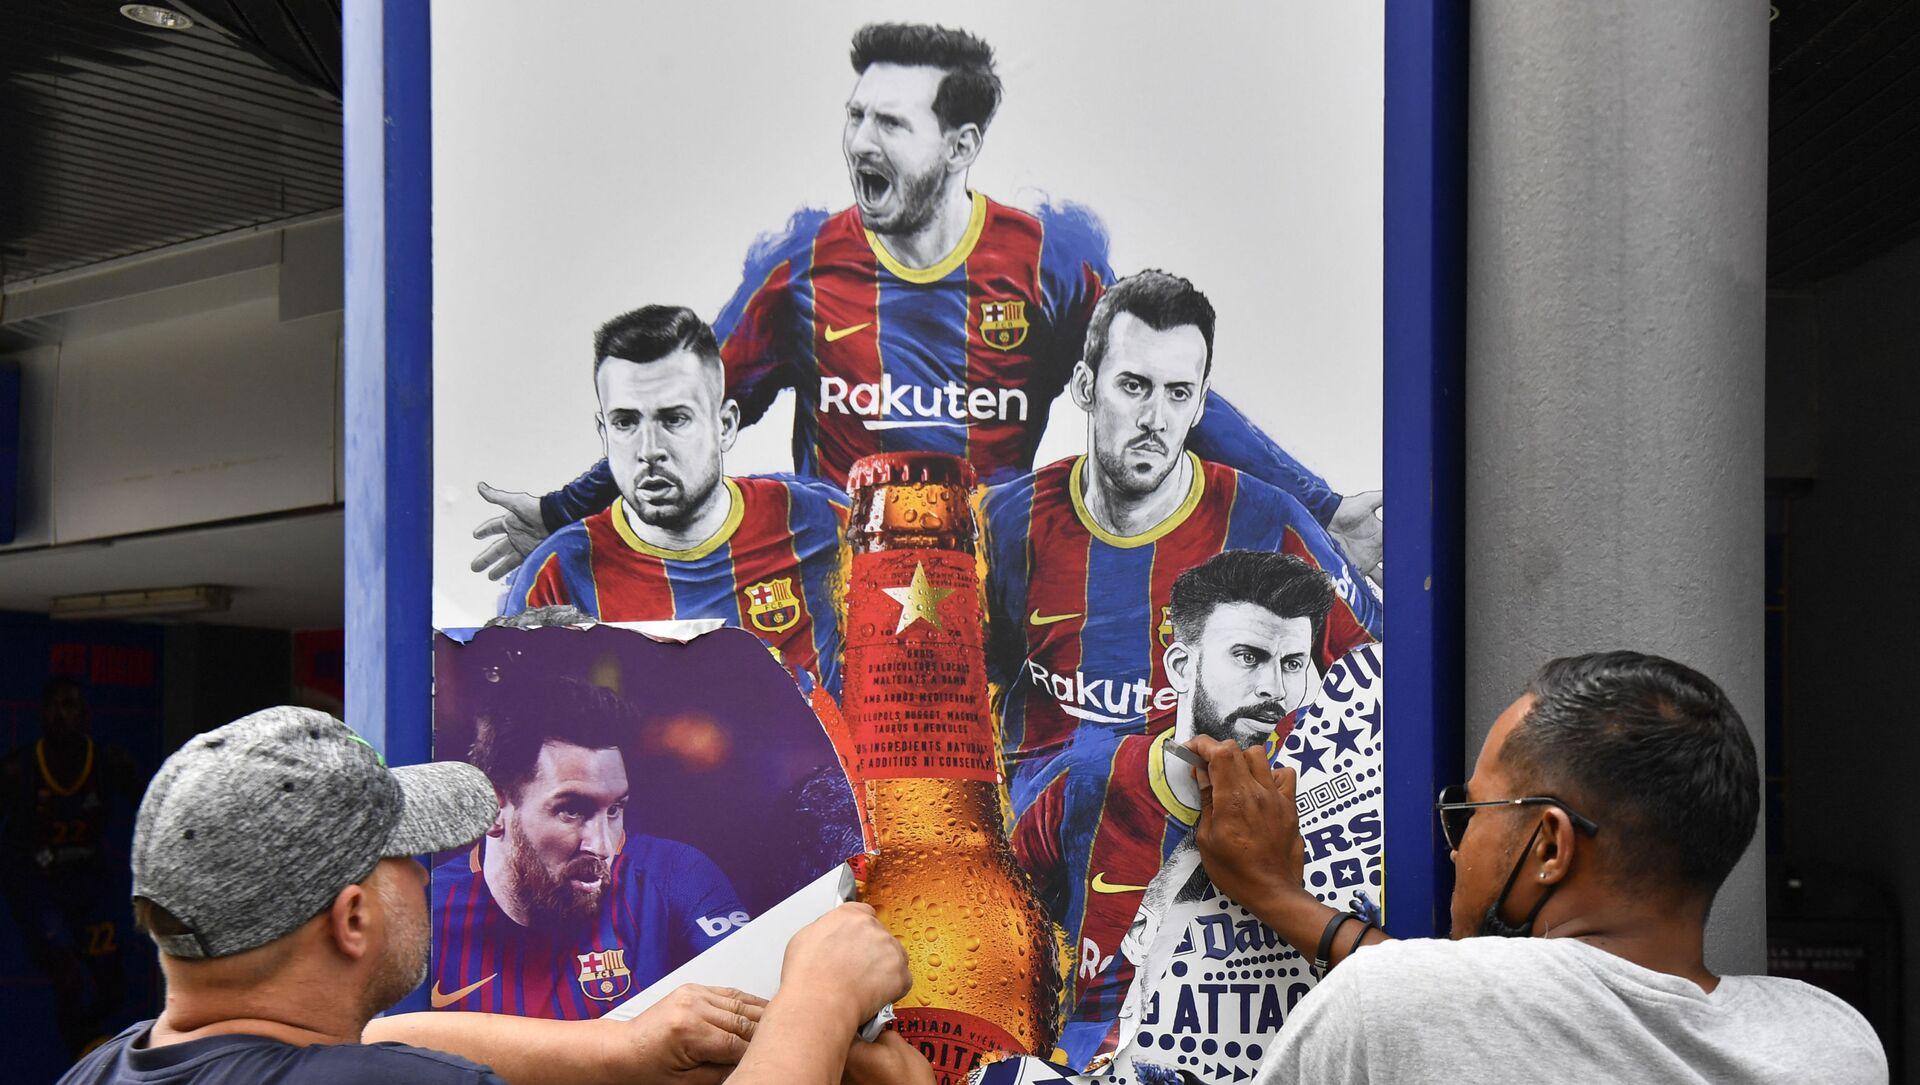 Công nhân gỡ bỏ áp phích in hình tiền đạo người Argentina Lionel Messi của Barcelona tại sân vận động Camp Nou ở Barcelona - Sputnik Việt Nam, 1920, 15.08.2021